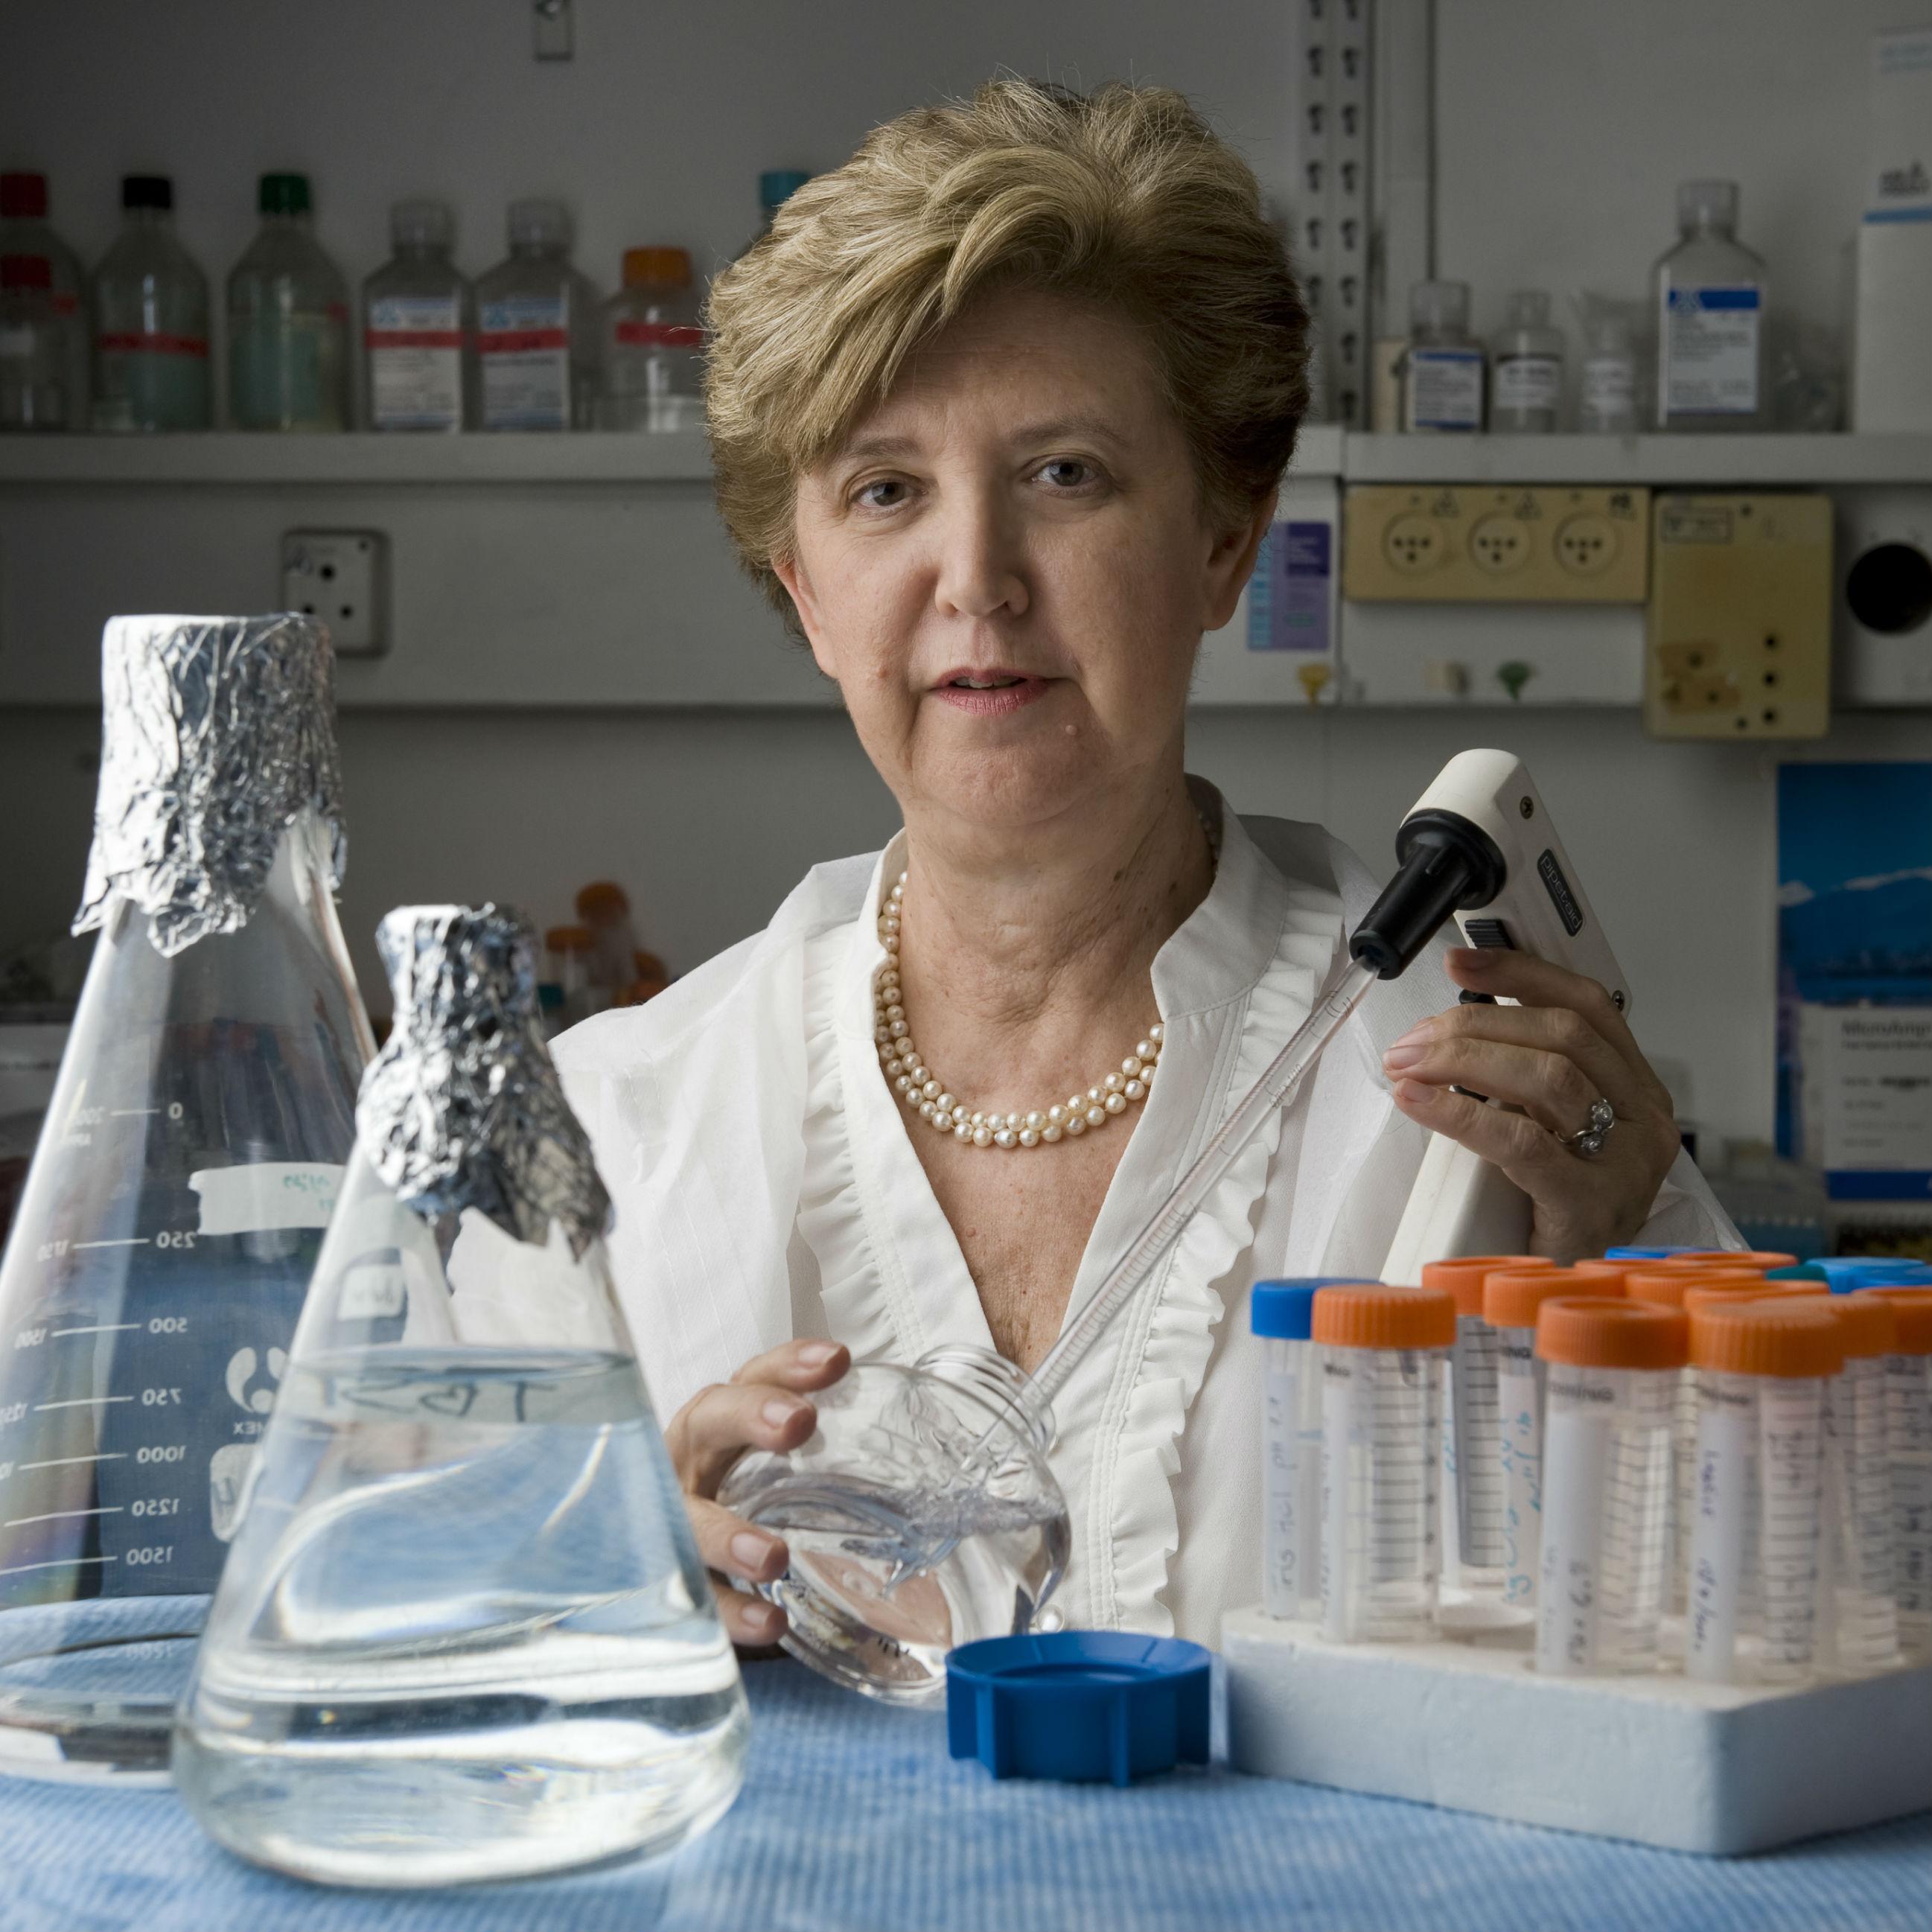 """פרס מפעל הפיס ע""""ש לנדאו בתחום מדעי החיים הוענק לפרופ' אילנה גוזס"""